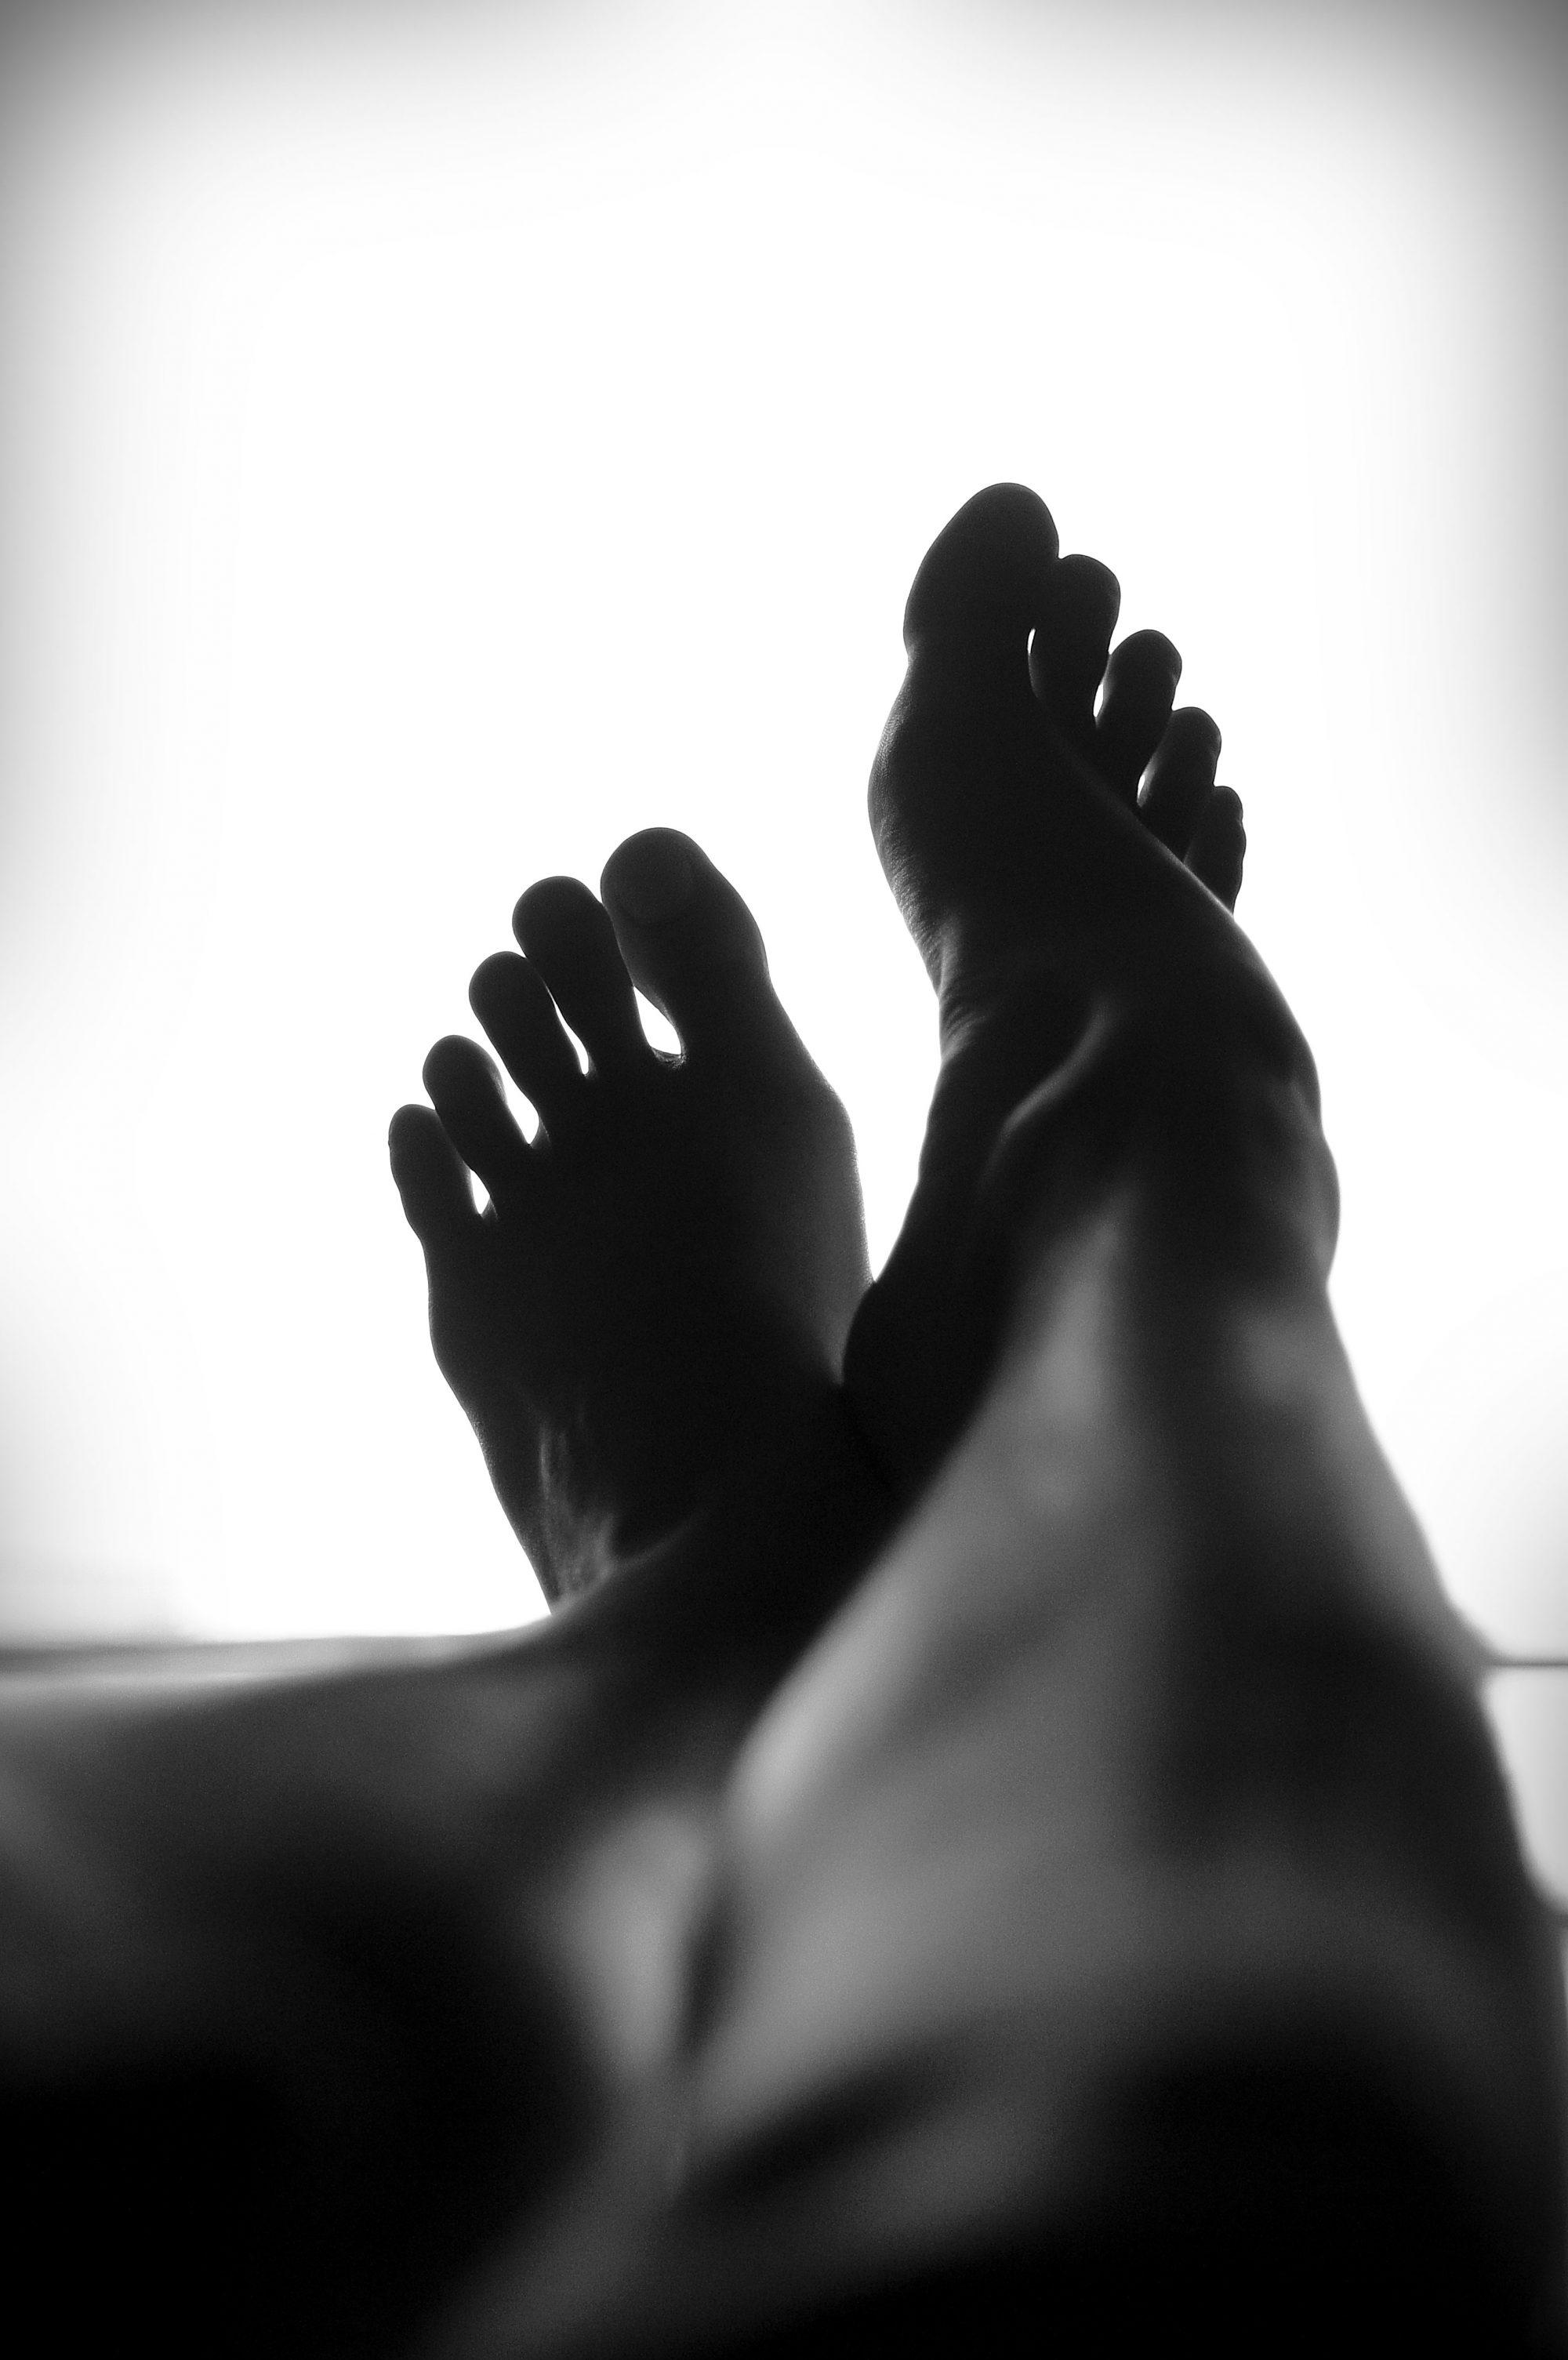 feet playa foot